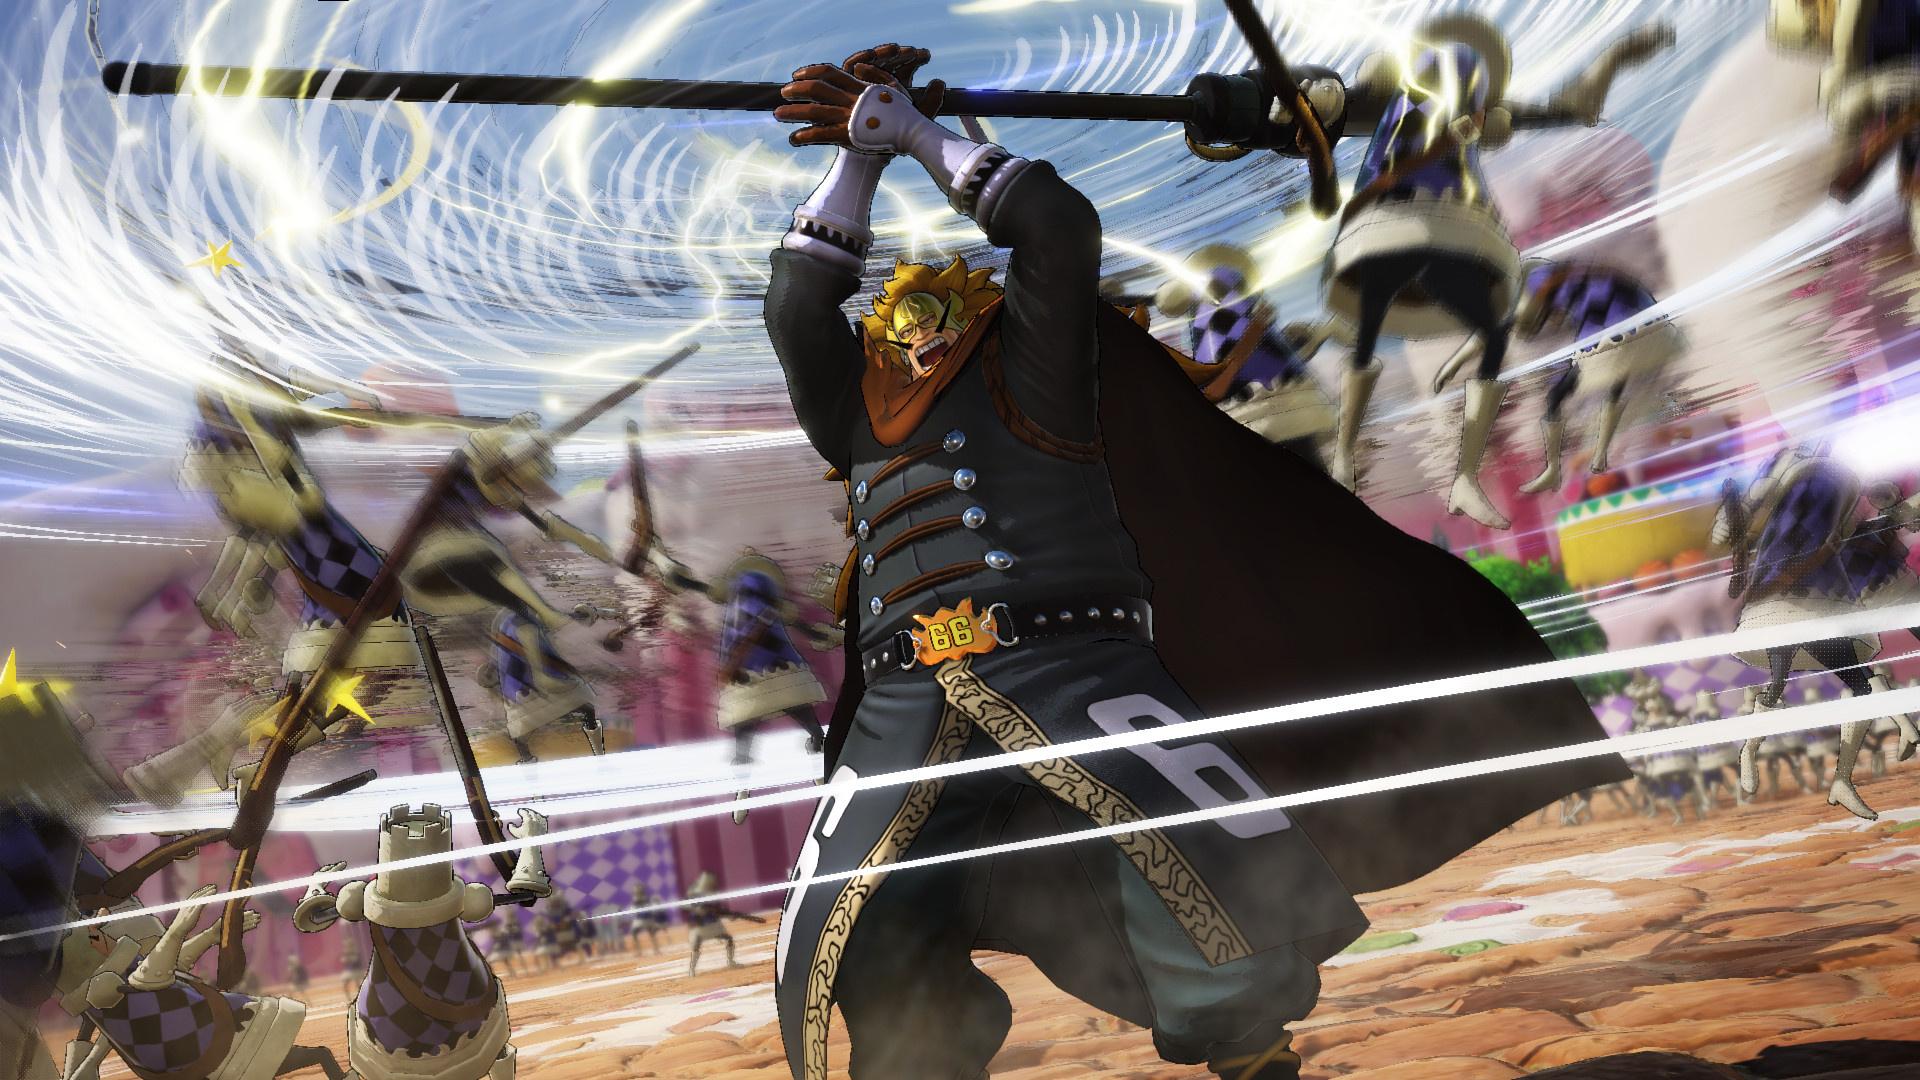 Винсмок Джадж в новом геймплейном трейлере One Piece: Pirate Warriors4